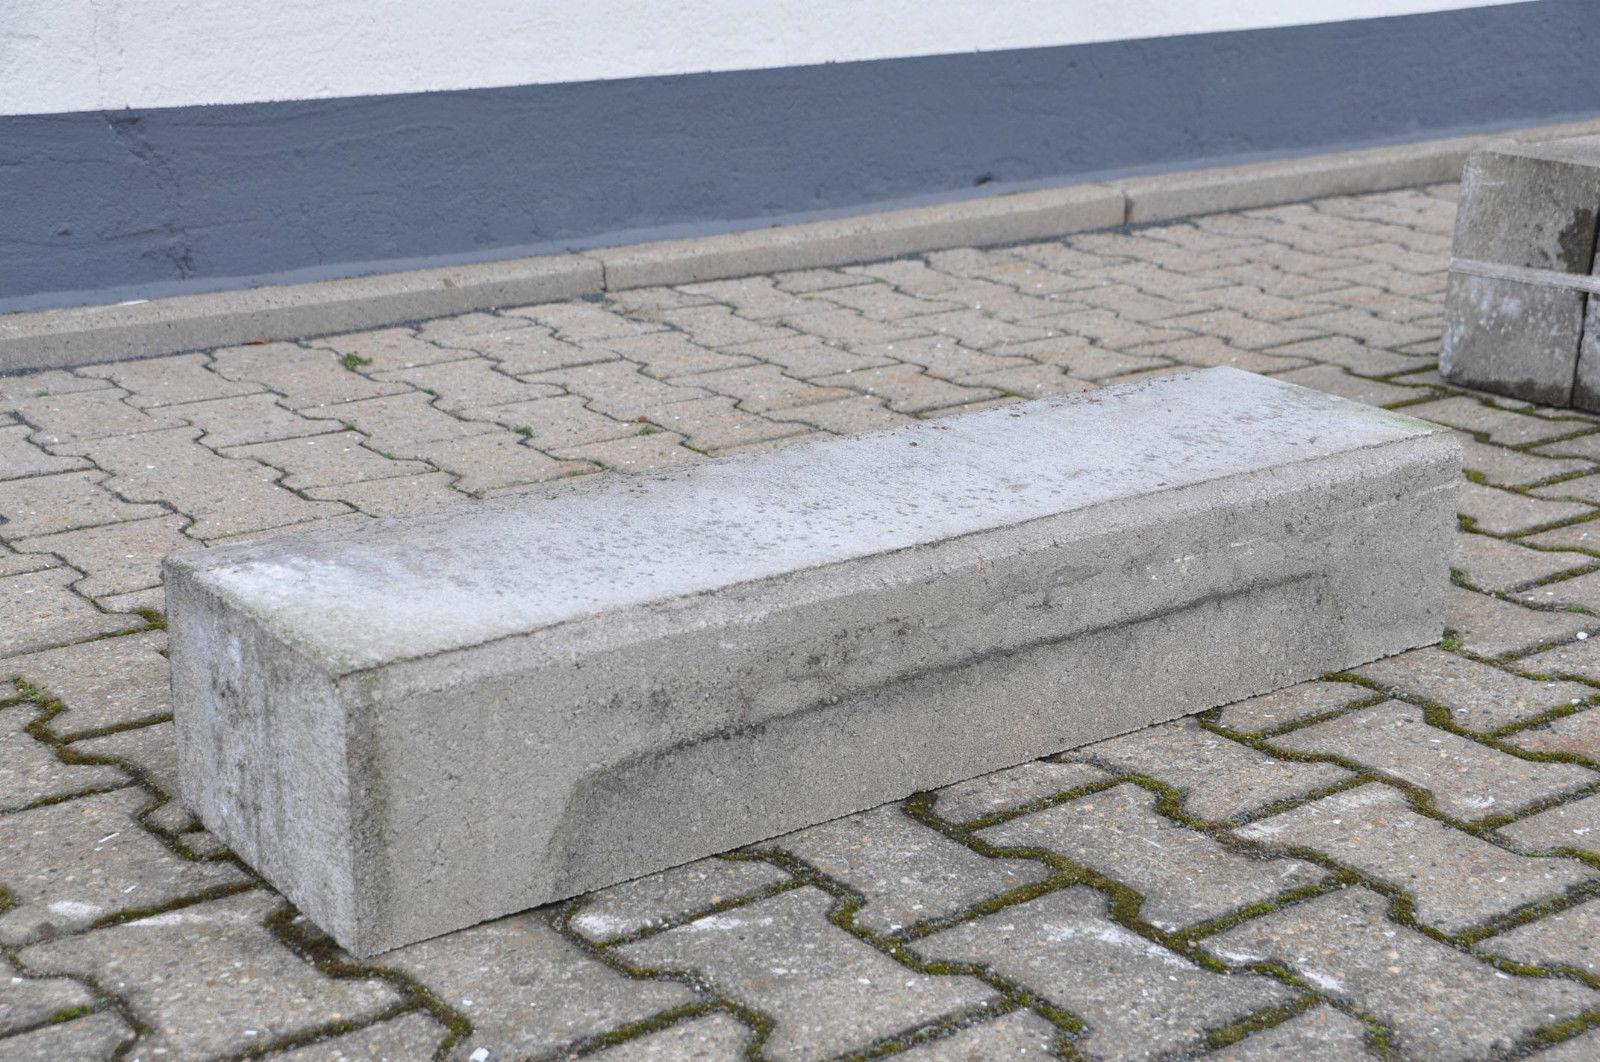 betonstufe blockstufen stufen betonstufen stufe beton 6er. Black Bedroom Furniture Sets. Home Design Ideas